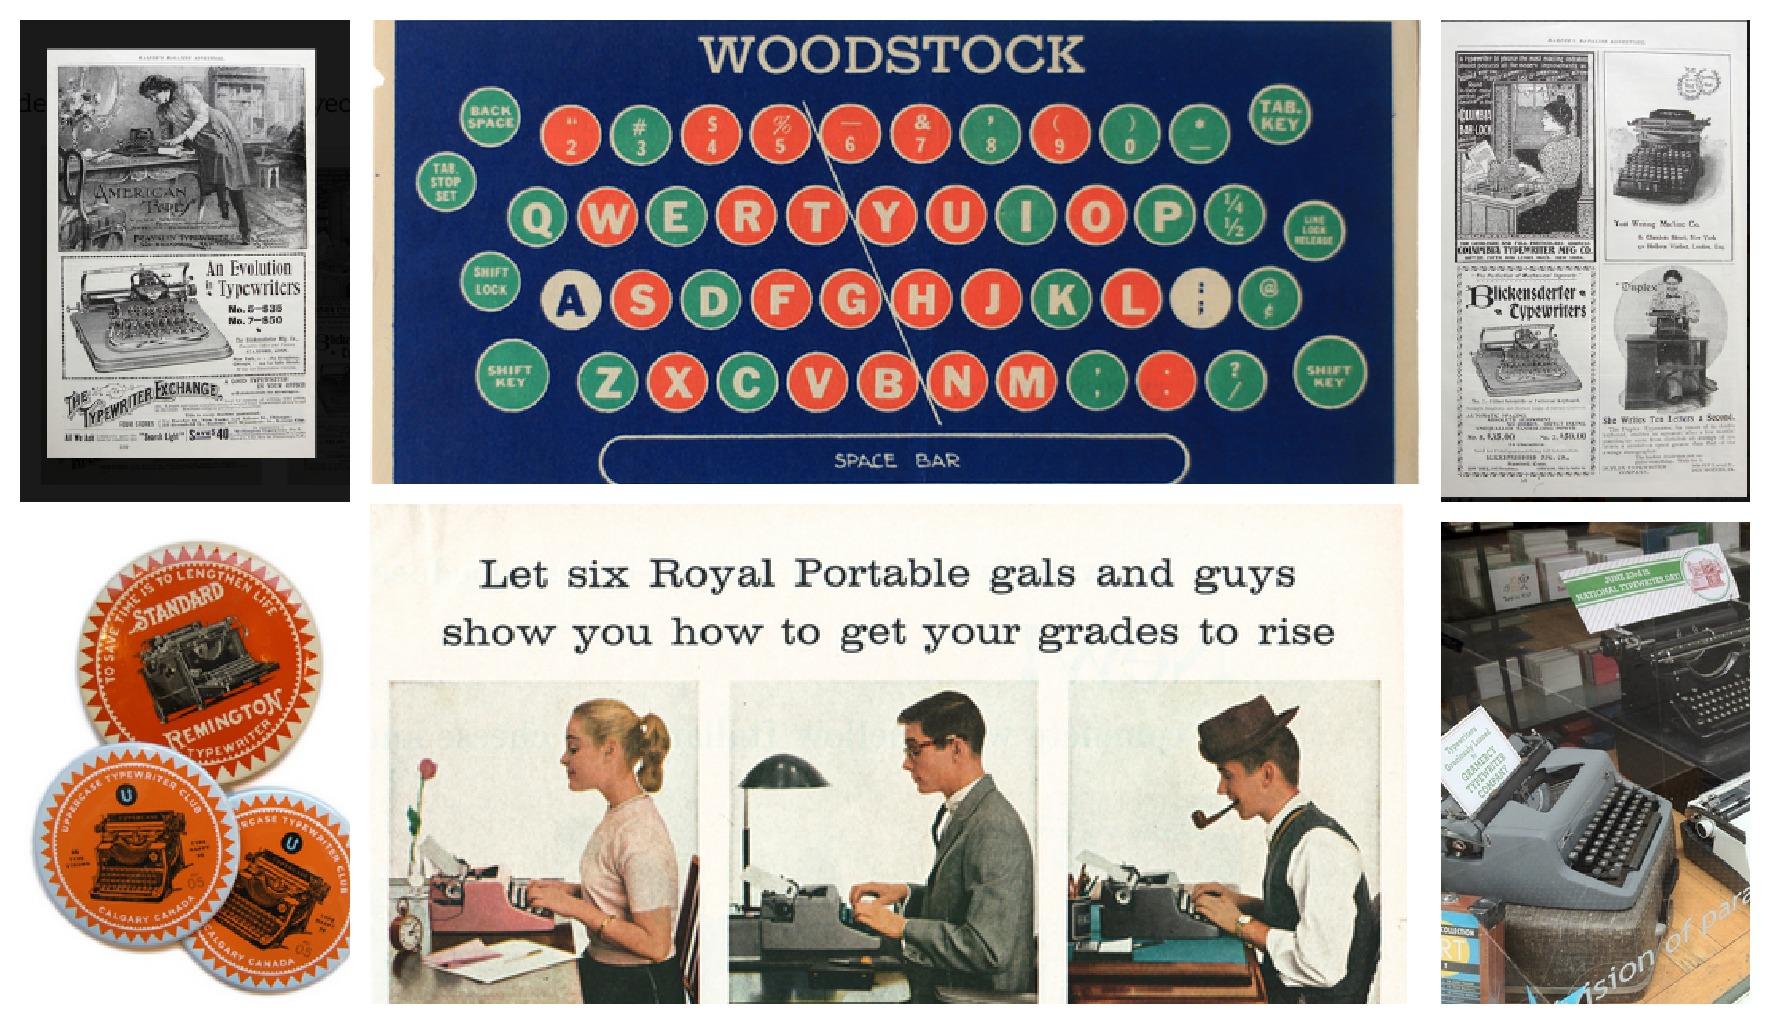 Fotos: uppercasemagazine.com/typewriter/